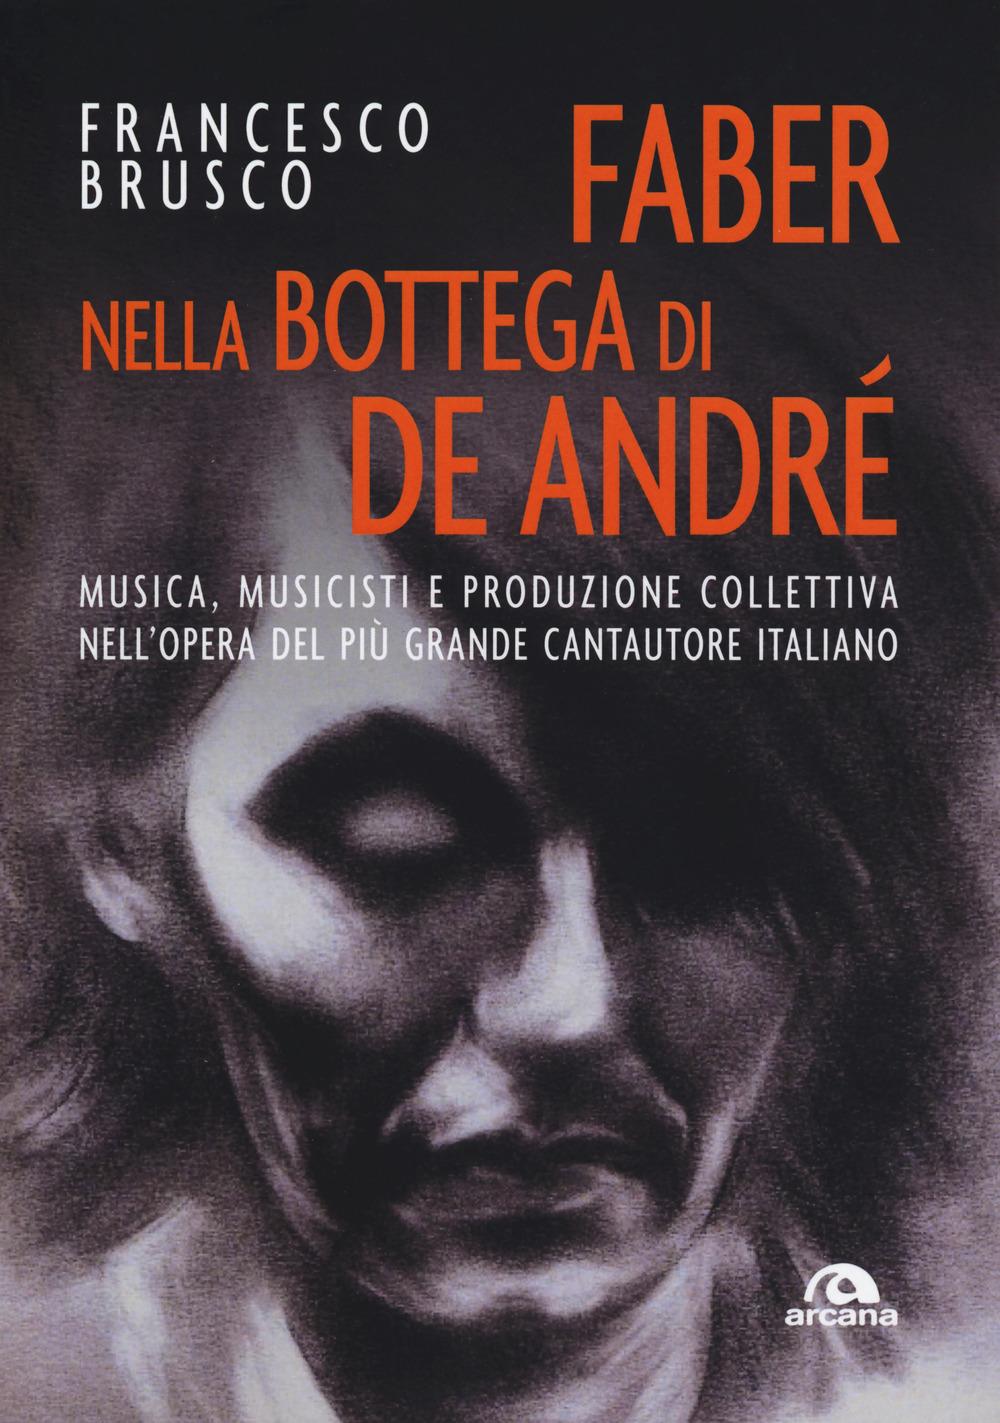 Faber nella bottega di De André. Musica, musicisti e produzione collettiva nell'opera del più grande cantautore italiano - Brusco Francesco - 9788862316705